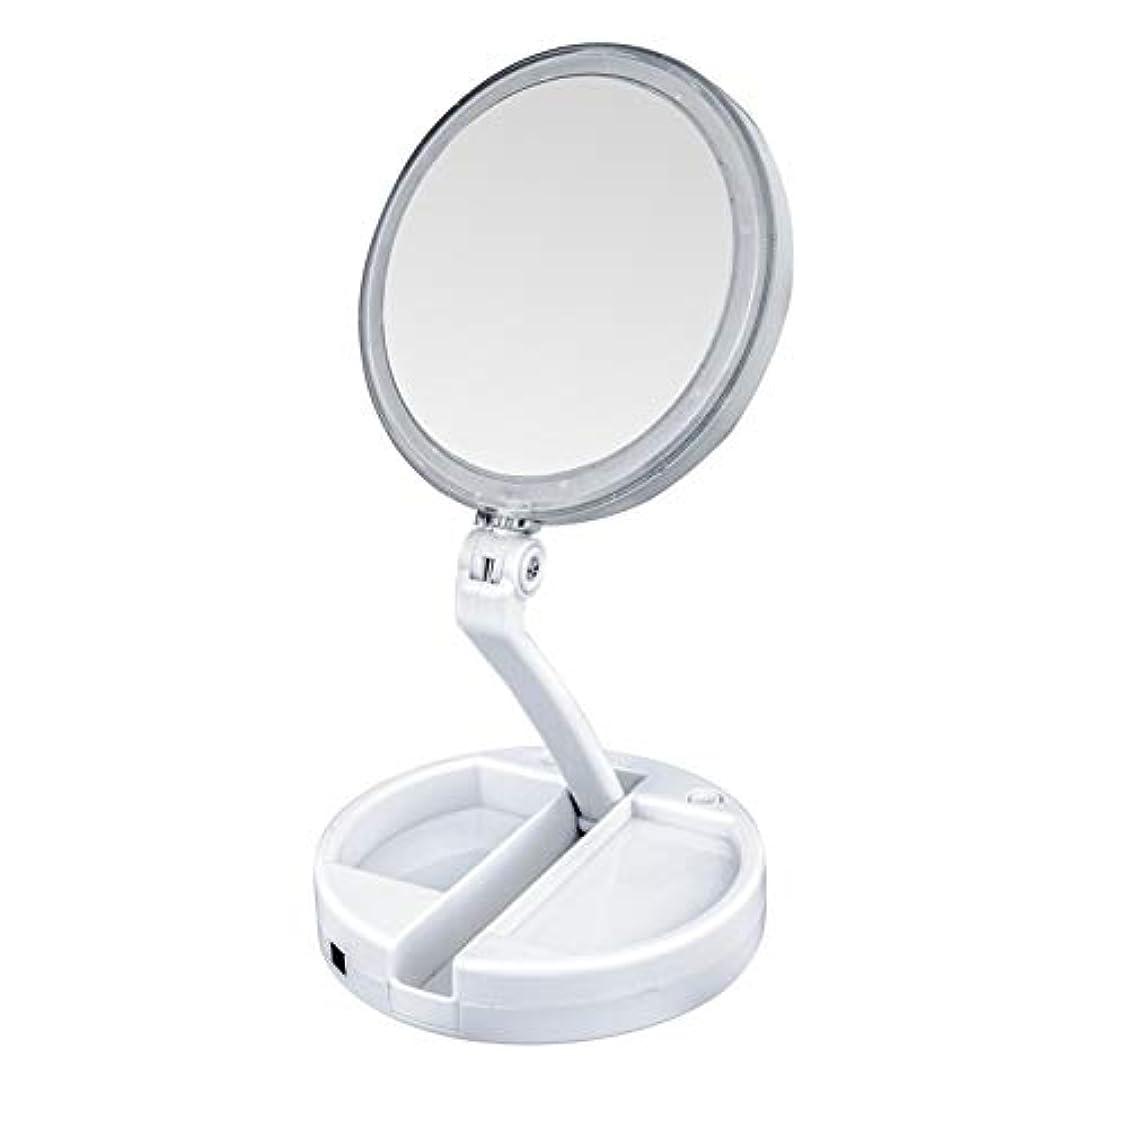 不合格オン修正するlily's JP home 化粧鏡 拡大鏡 LEDライト付き 女優ミラー 両面鏡 折りたたみメイク鏡 携帯便利360°回転ミラー USB充電式と電池式 収納ボックス付き 照明用